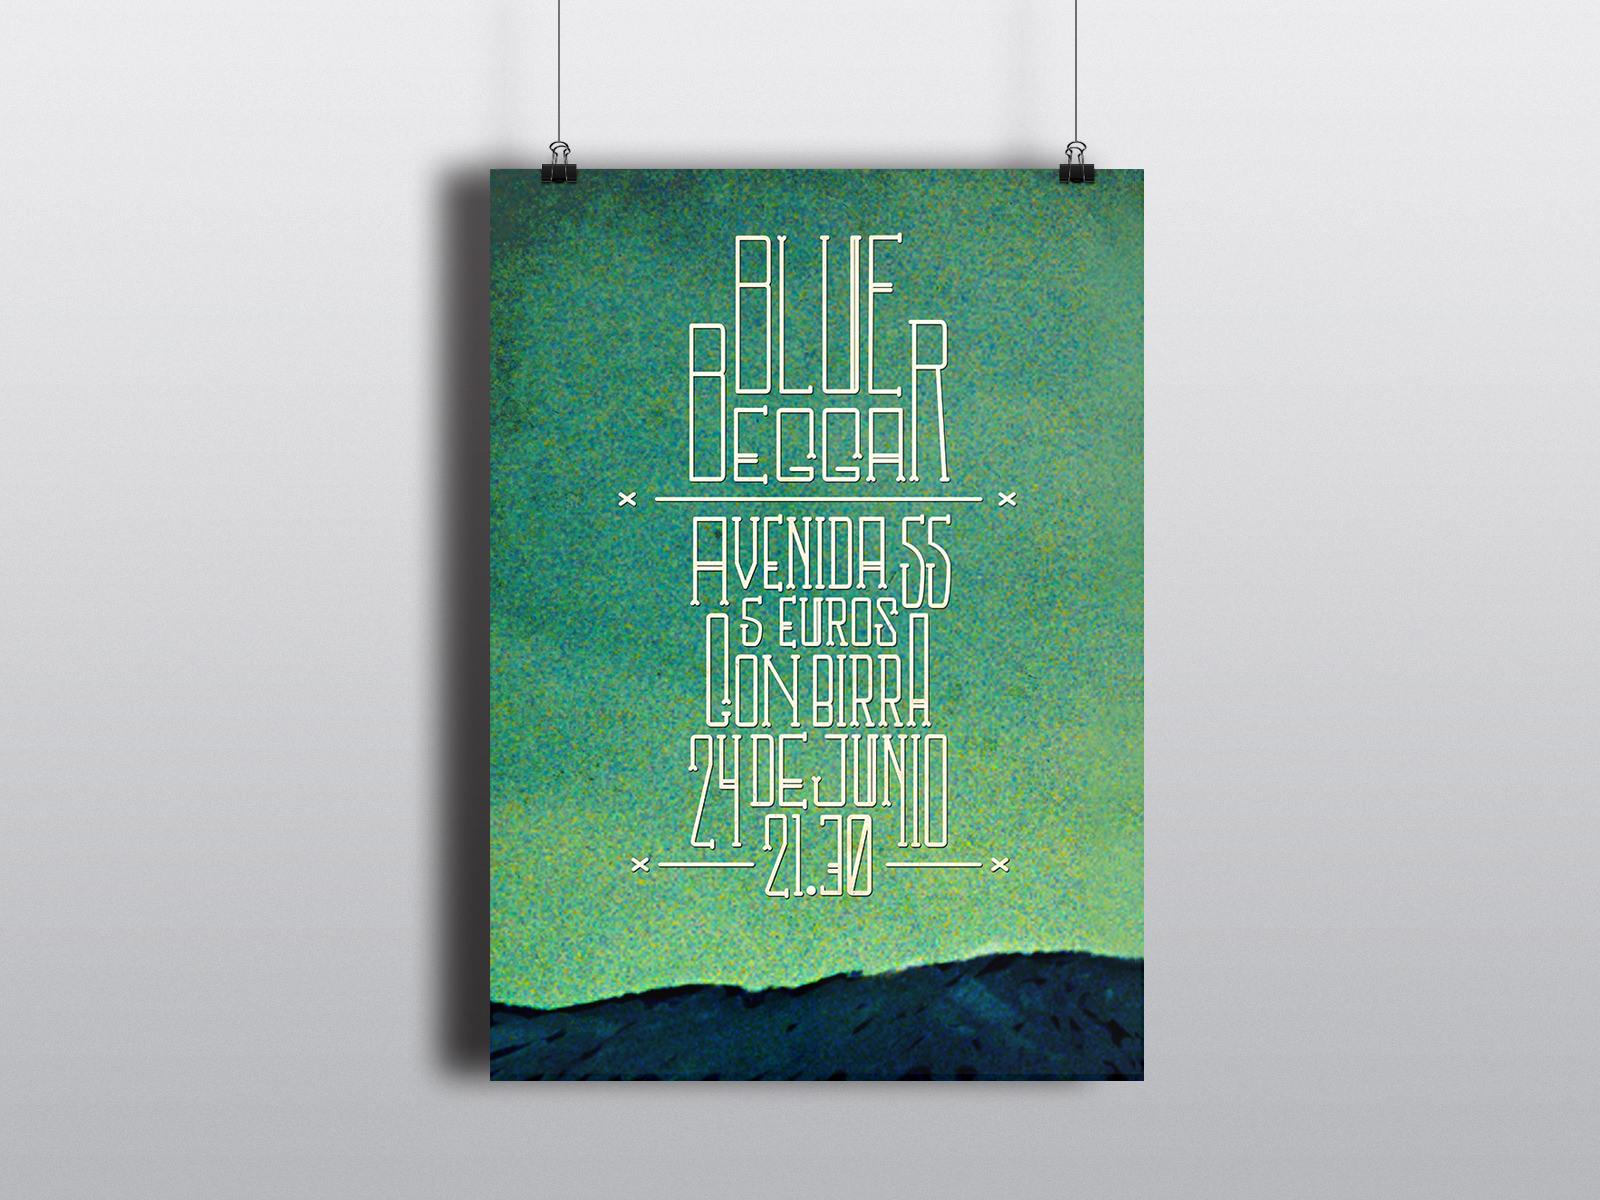 Concierto_Poster2